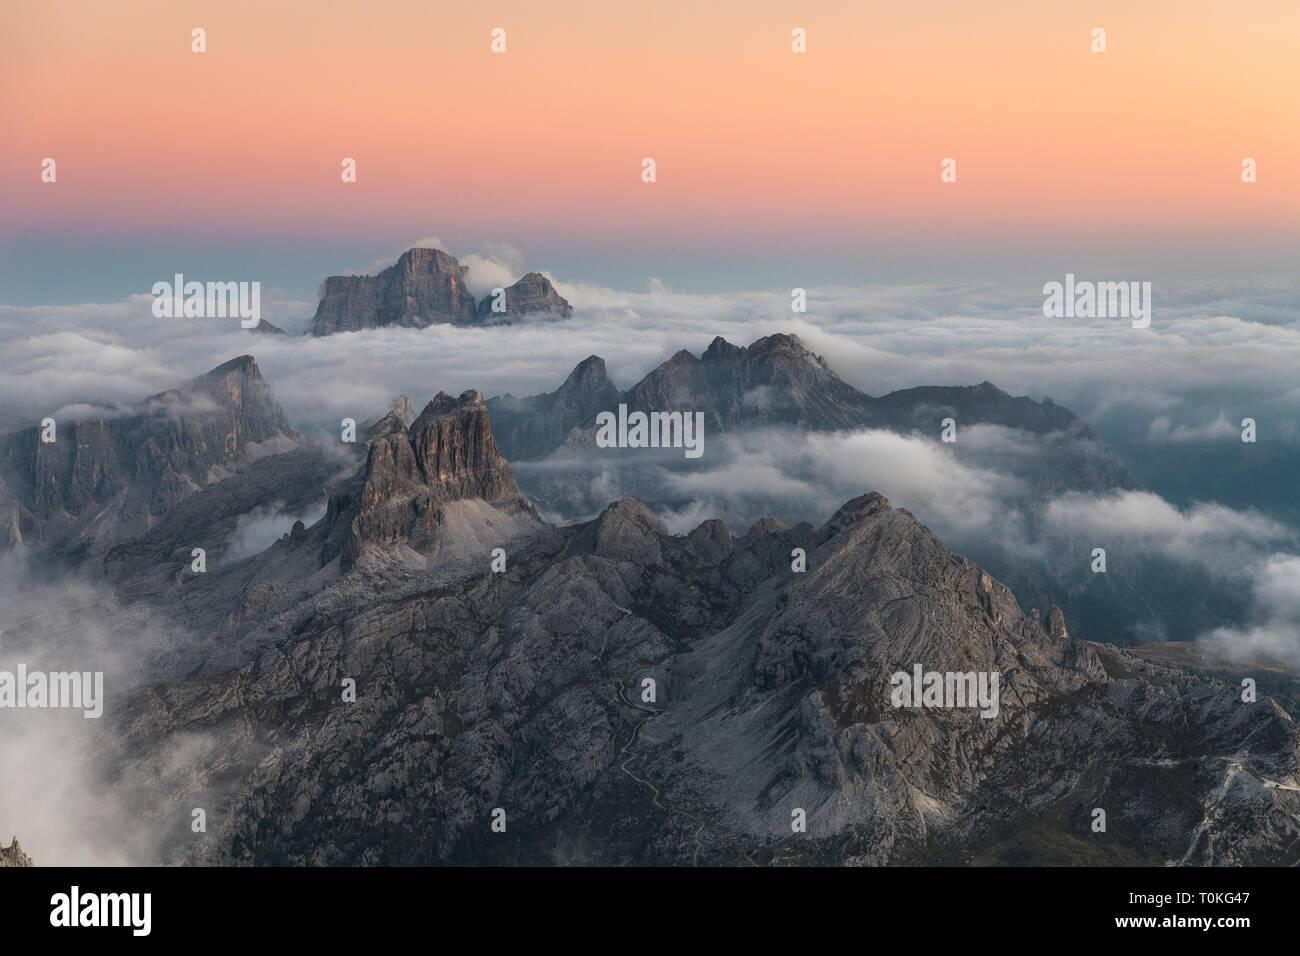 Blick vom Rifugio Lagazuoi (2752 m) der Monte Pelmo, Monte Averau und der Croda Negra und die Civetta, Dolomiten, Cortina d'Ampezzo, Italien Stockfoto